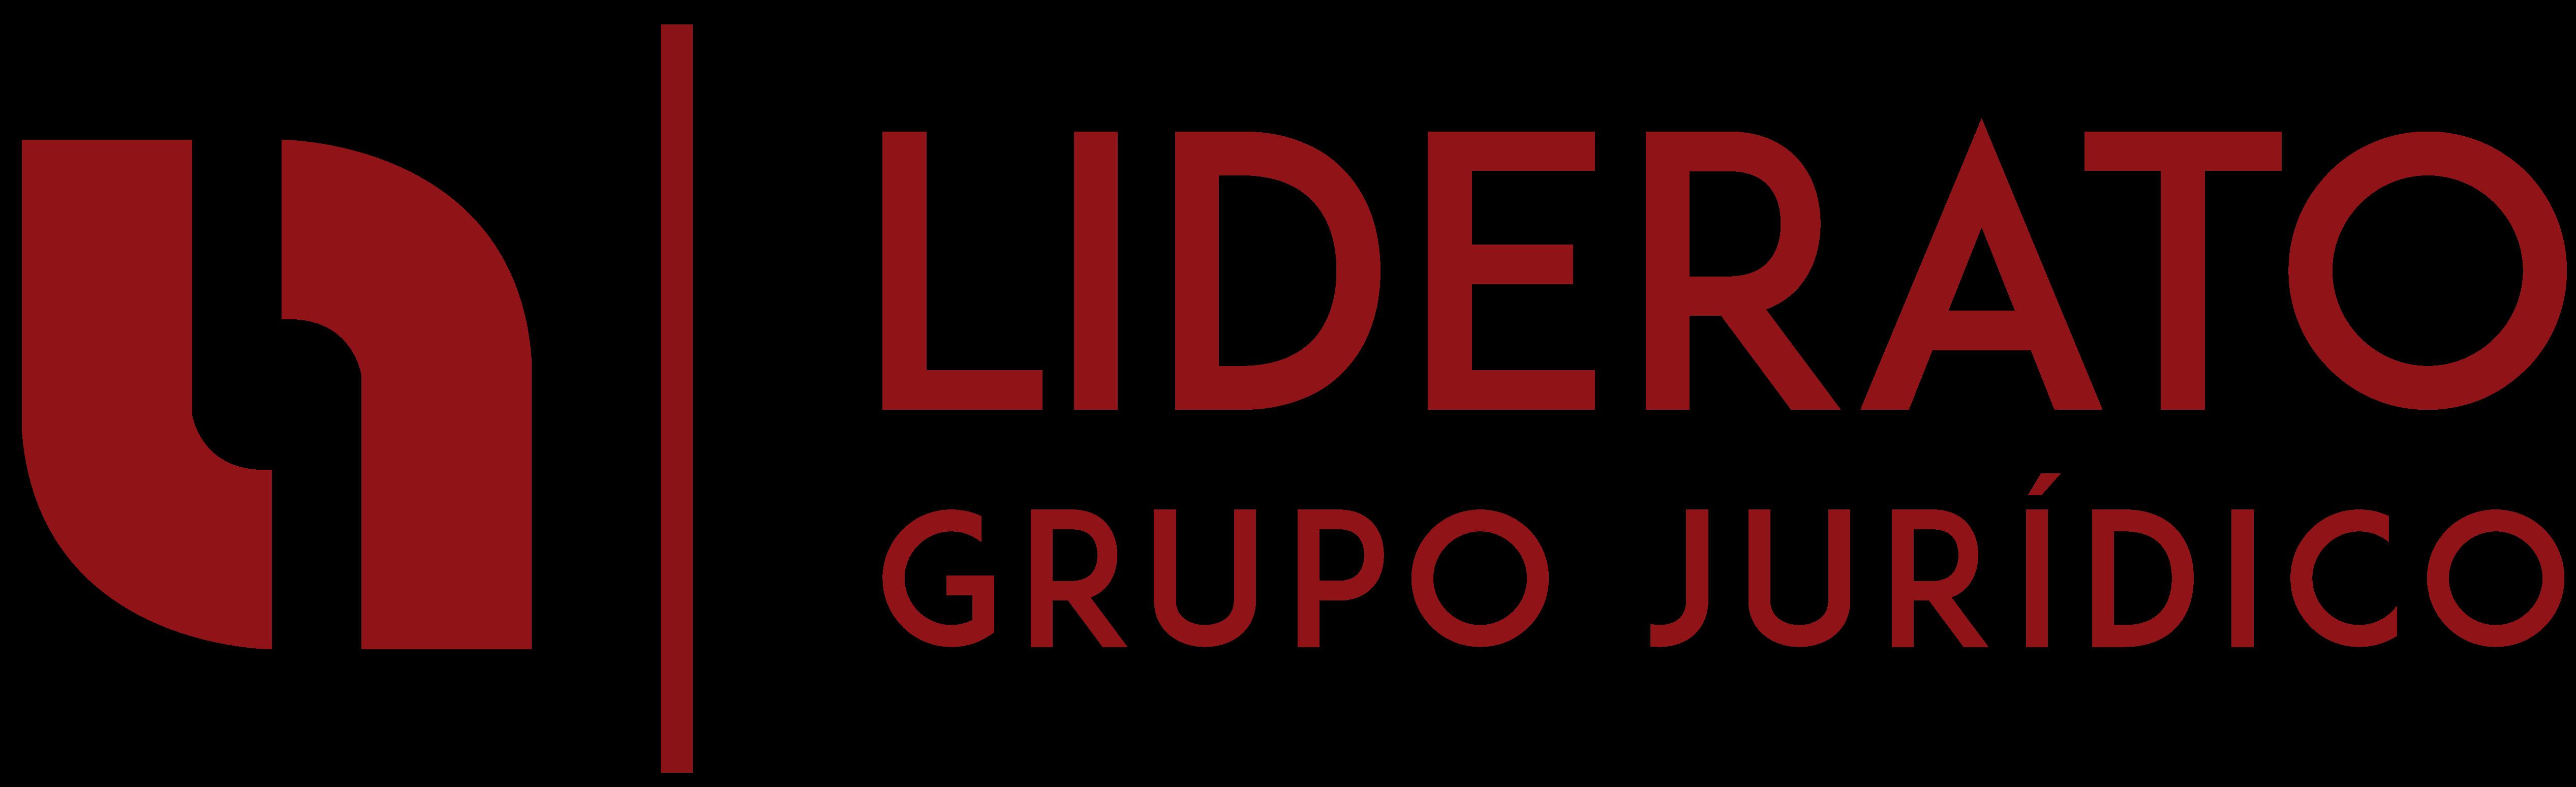 Liderato Grupo Jurídico